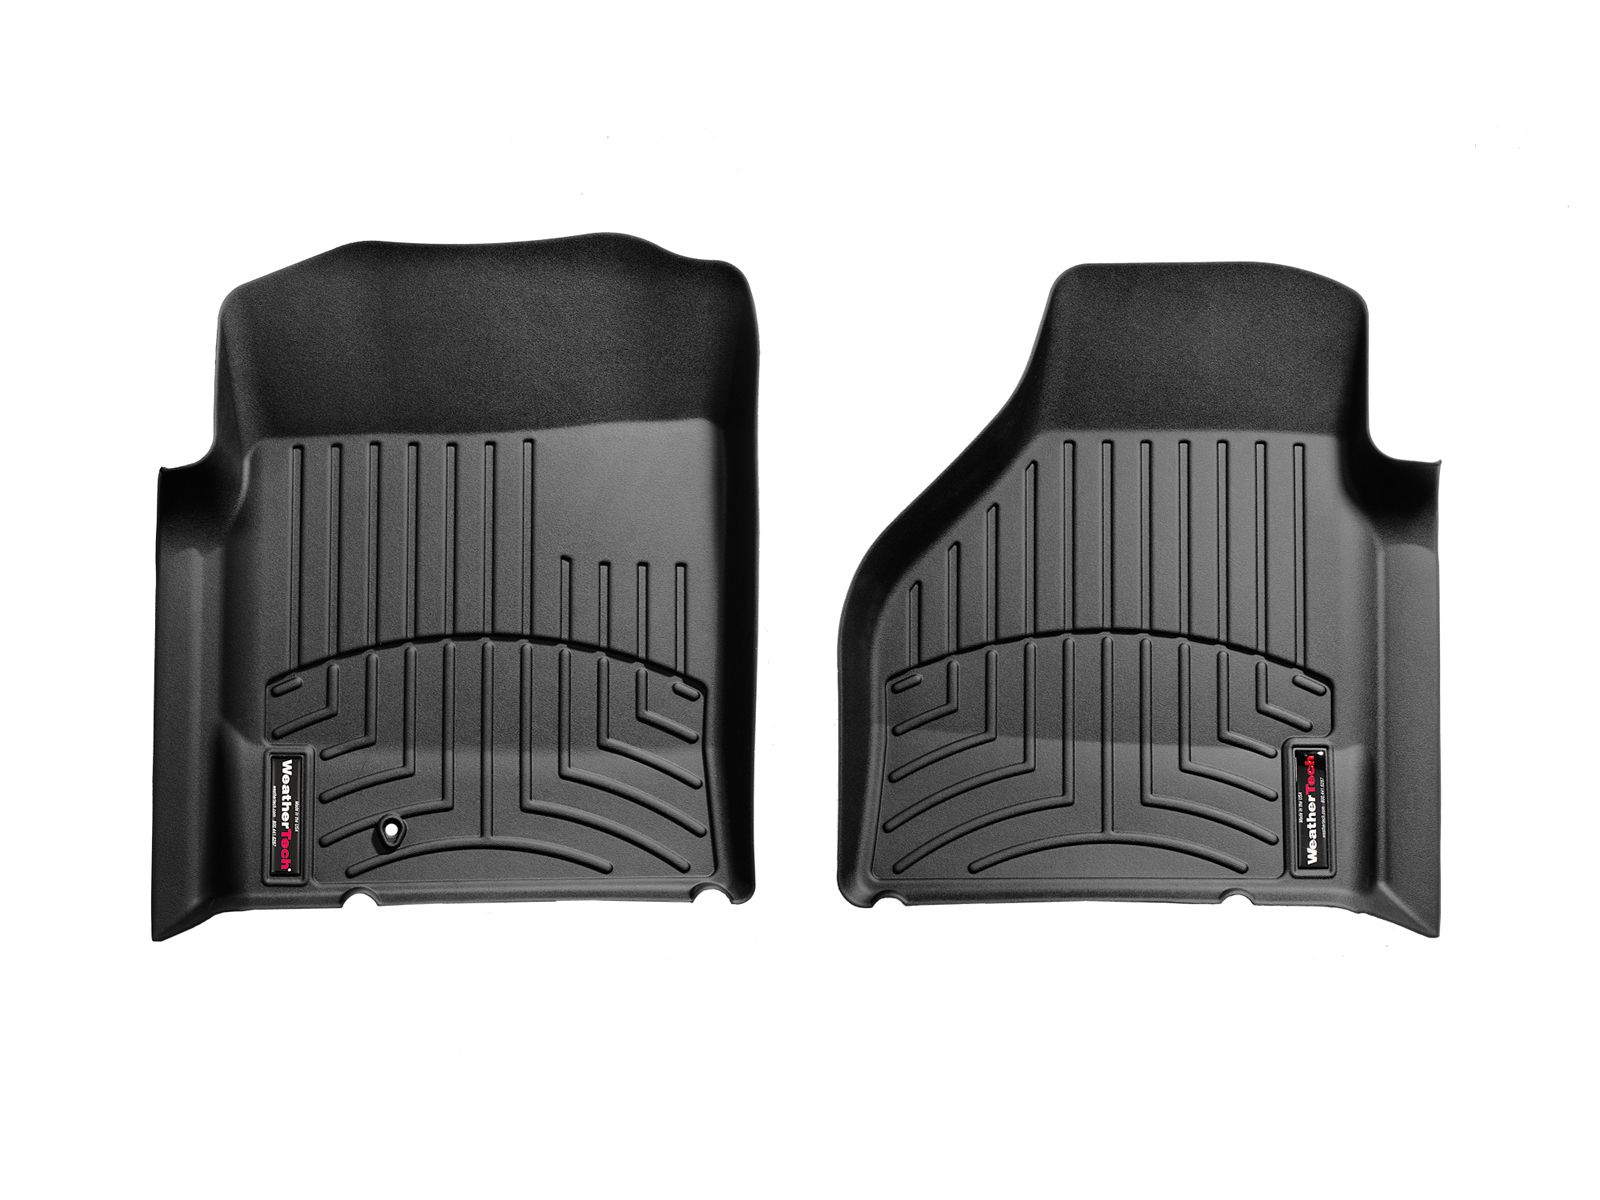 Tappeti gomma su misura bordo alto Dodge Ram Truck 2500/3500 09>09 Nero A704*